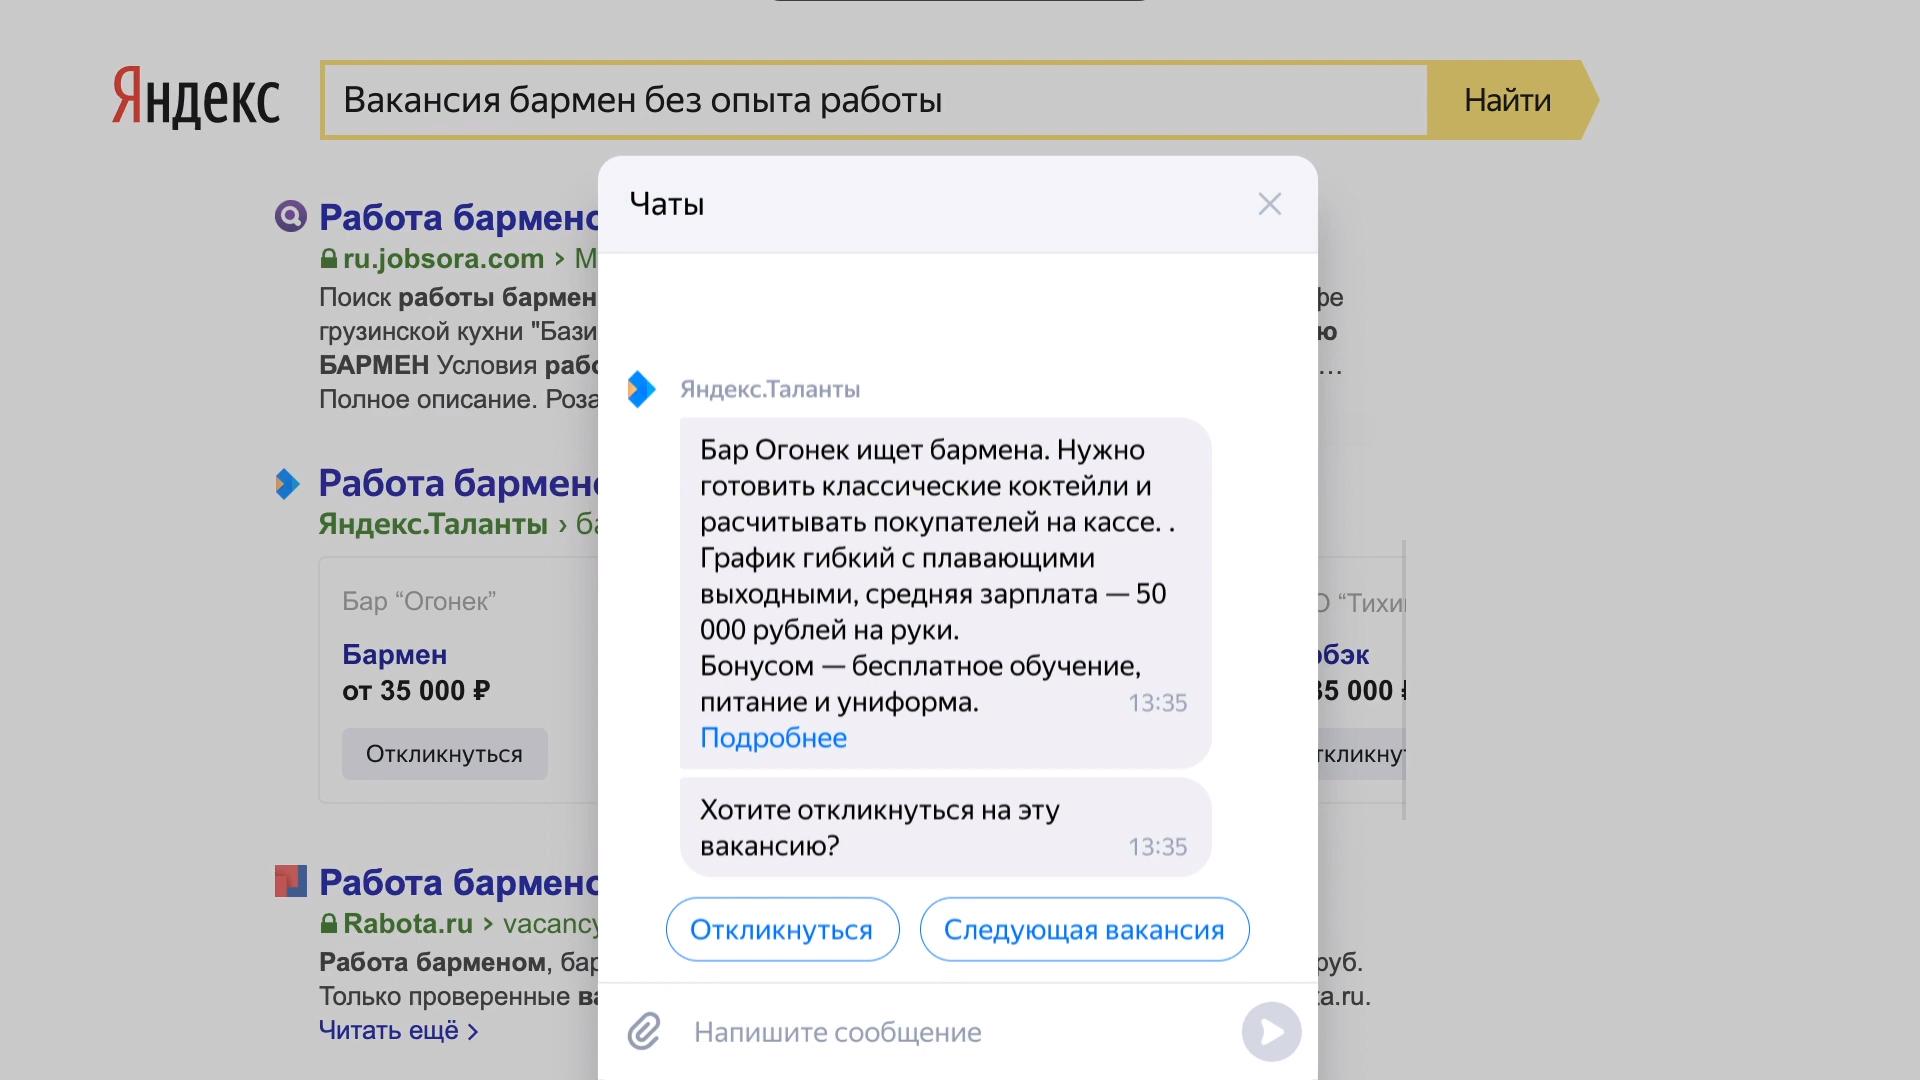 Общение кандидата с HR-ботом в программном продукте Яндекс.Таланты